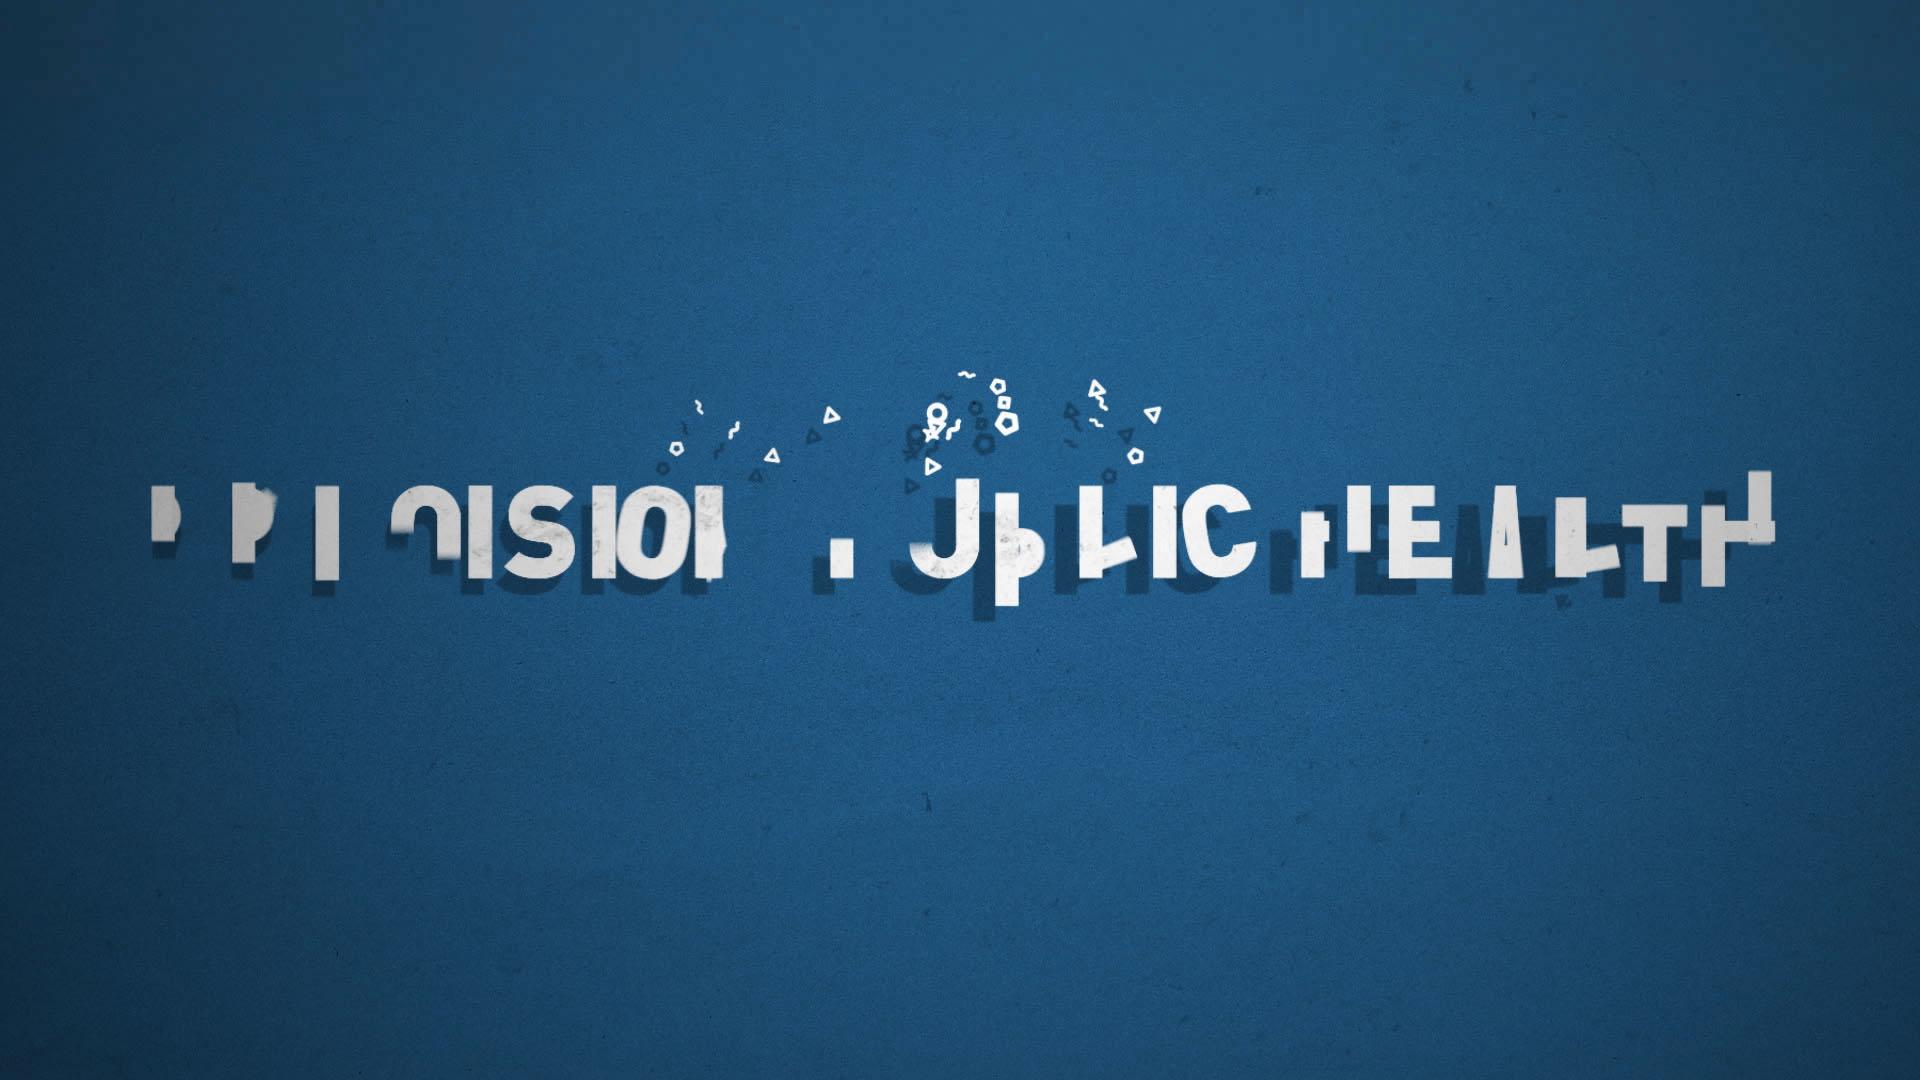 PPH.00_01_19_02.STILL033.jpg